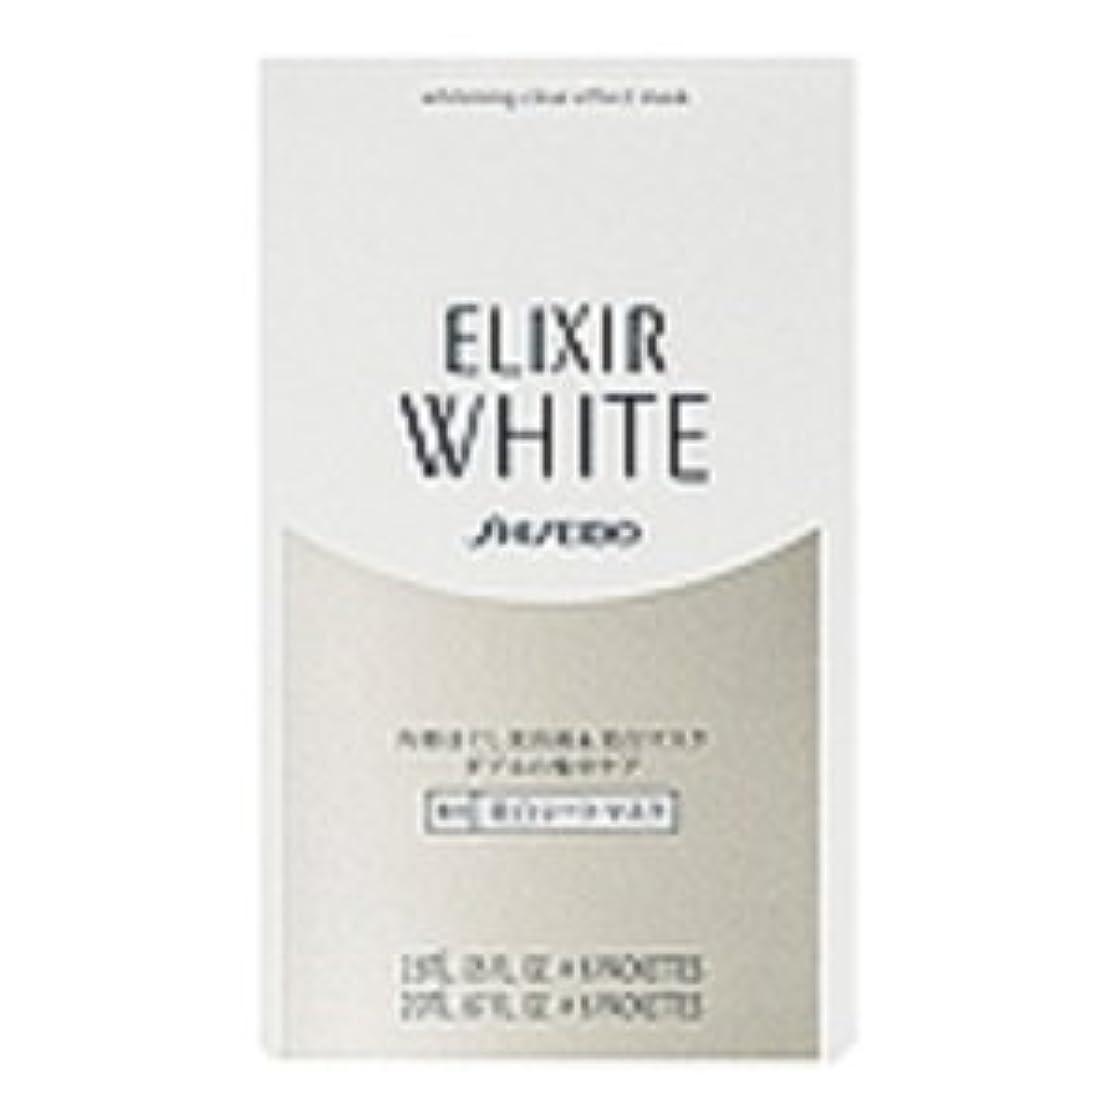 ウミウシサミュエル適格資生堂 エリクシール ホワイト クリアエフェクトマスク 6セット入 アウトレット